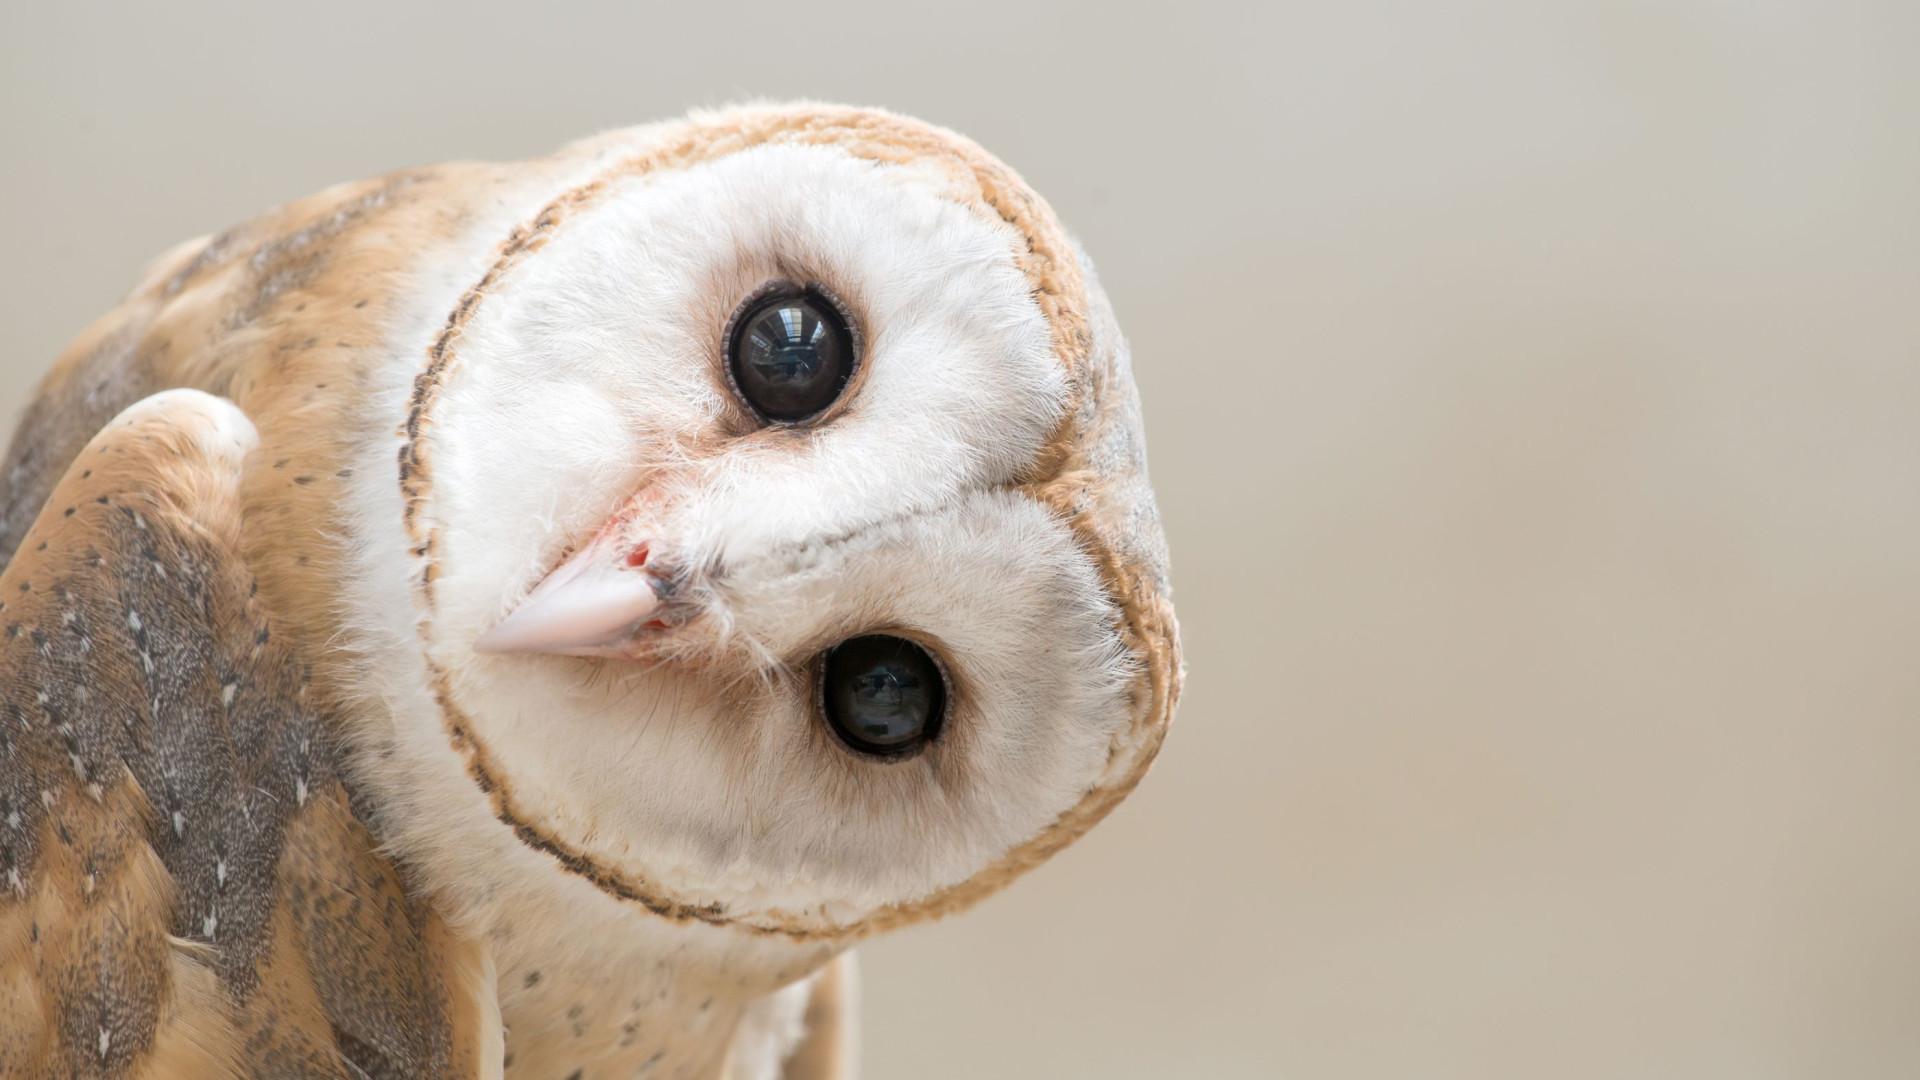 SABIA QUE a coruja não consegue mexer os globos oculares?